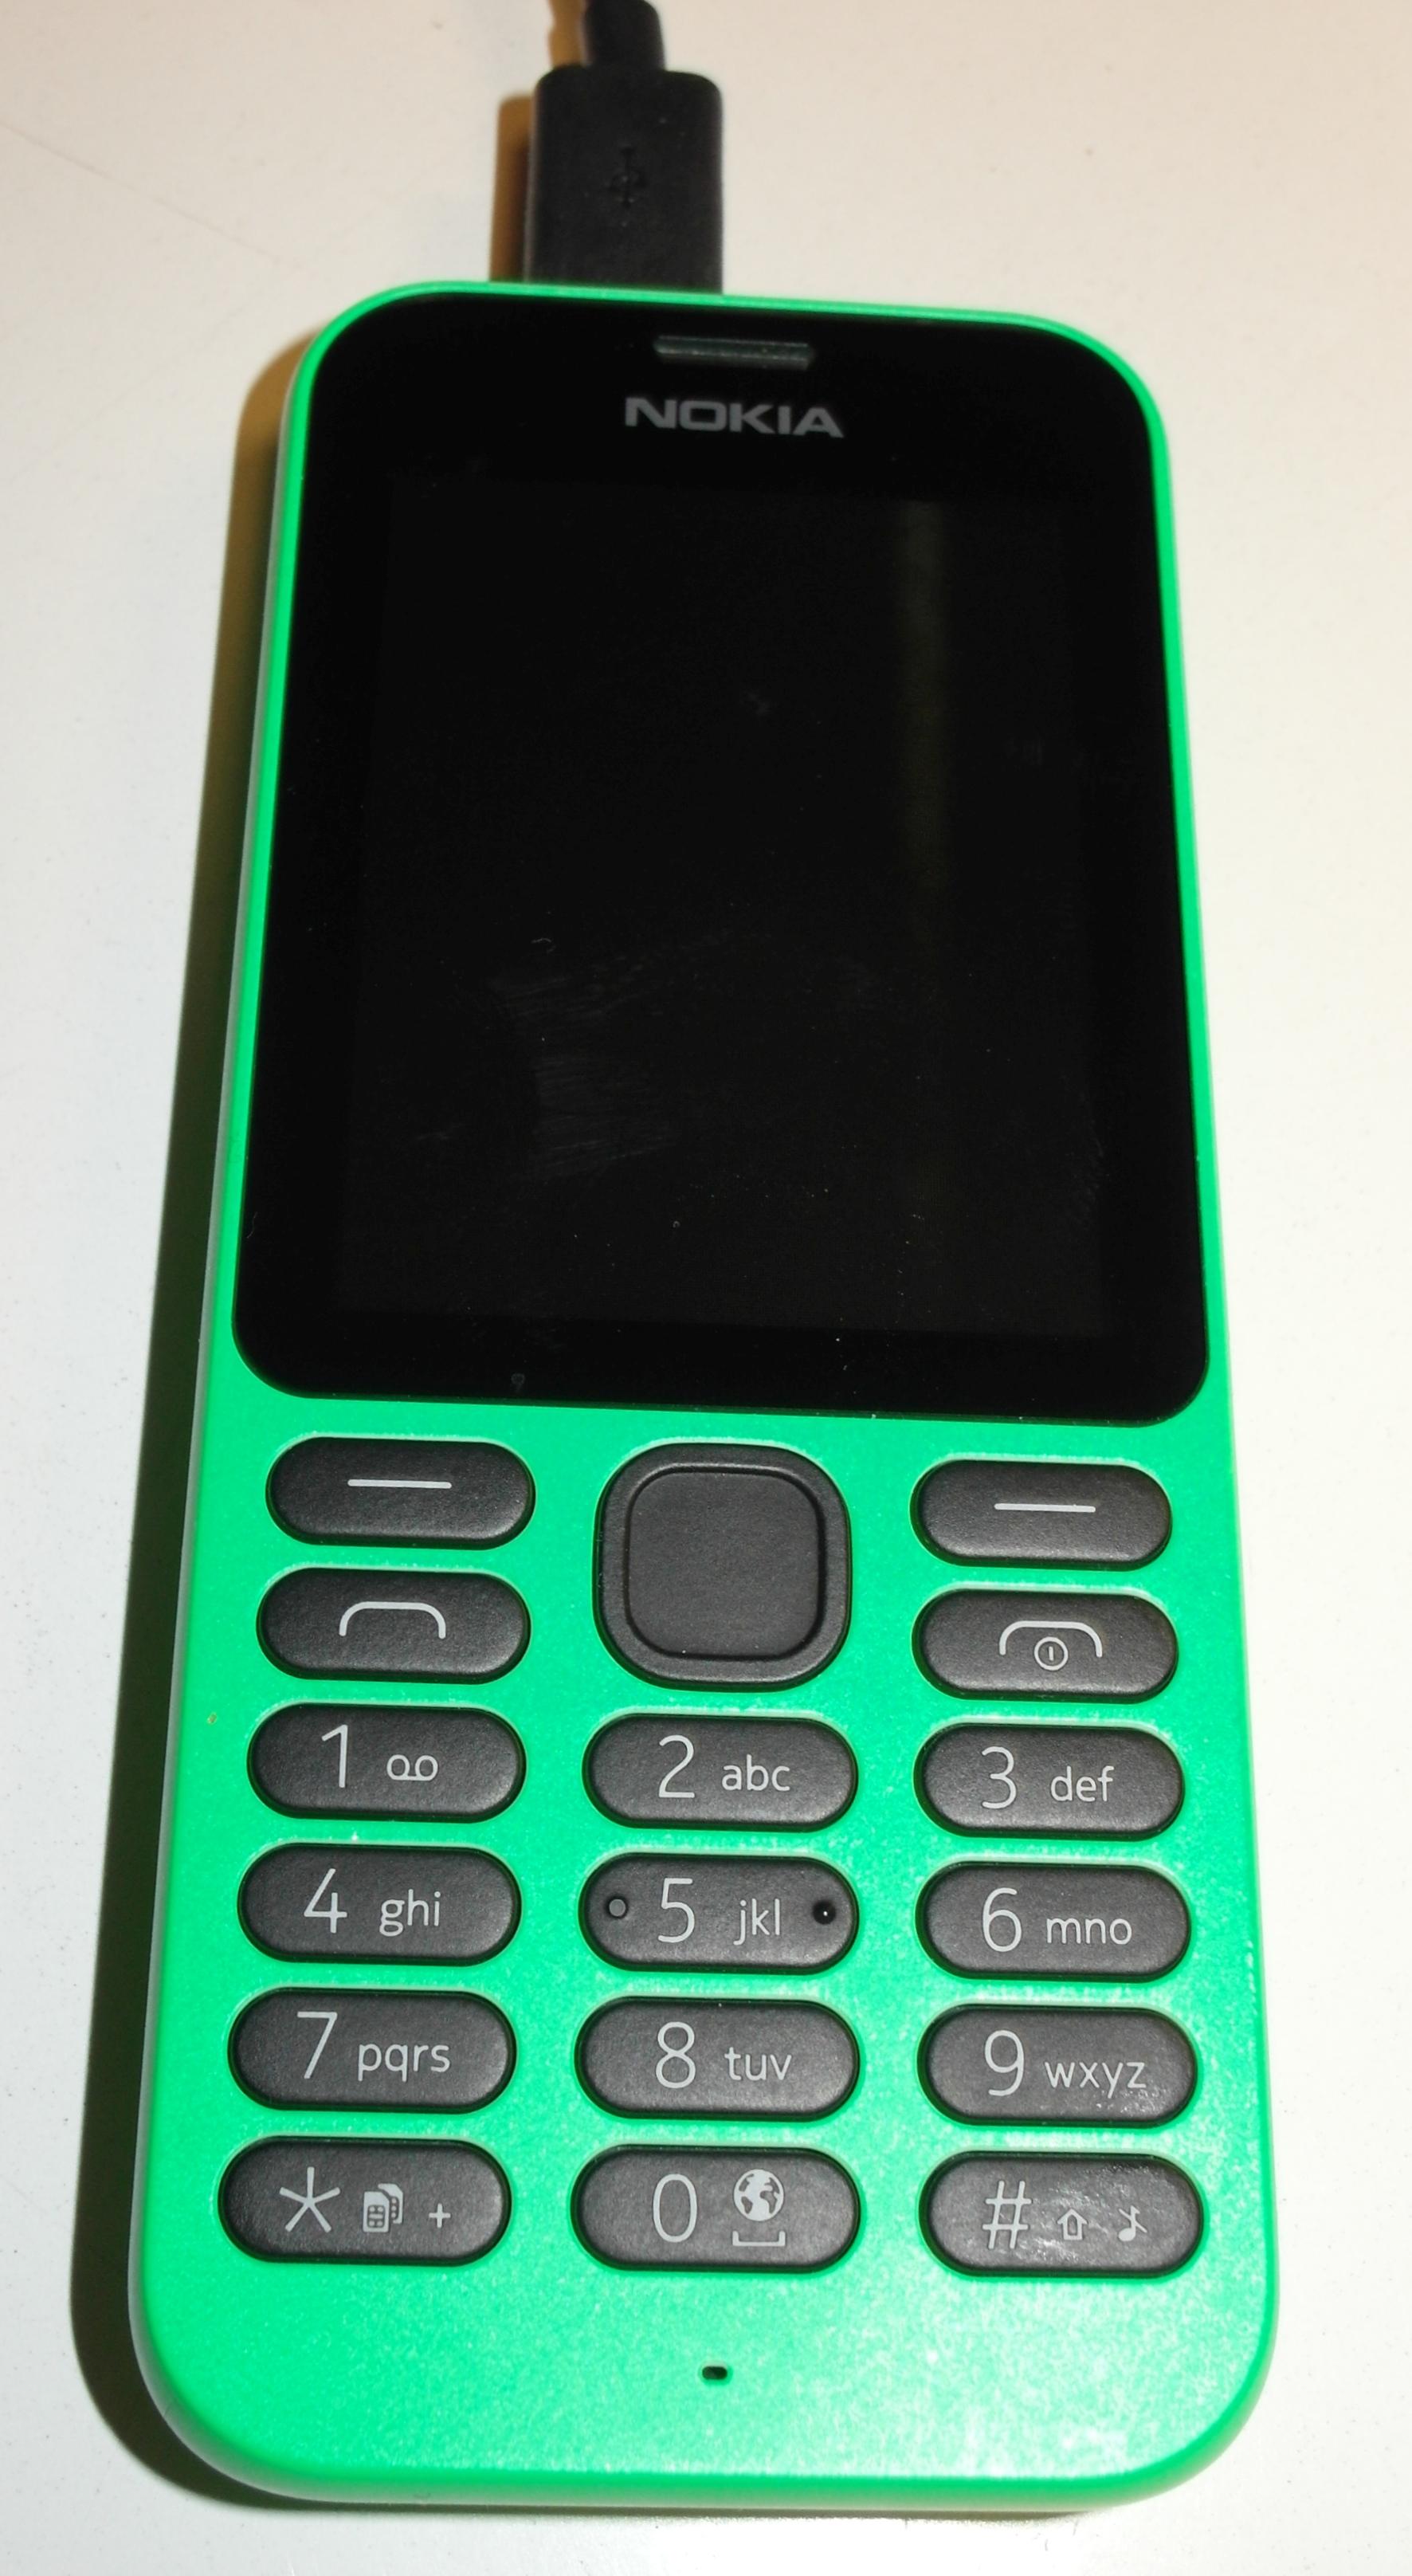 Nokia 215 - Wikipedia